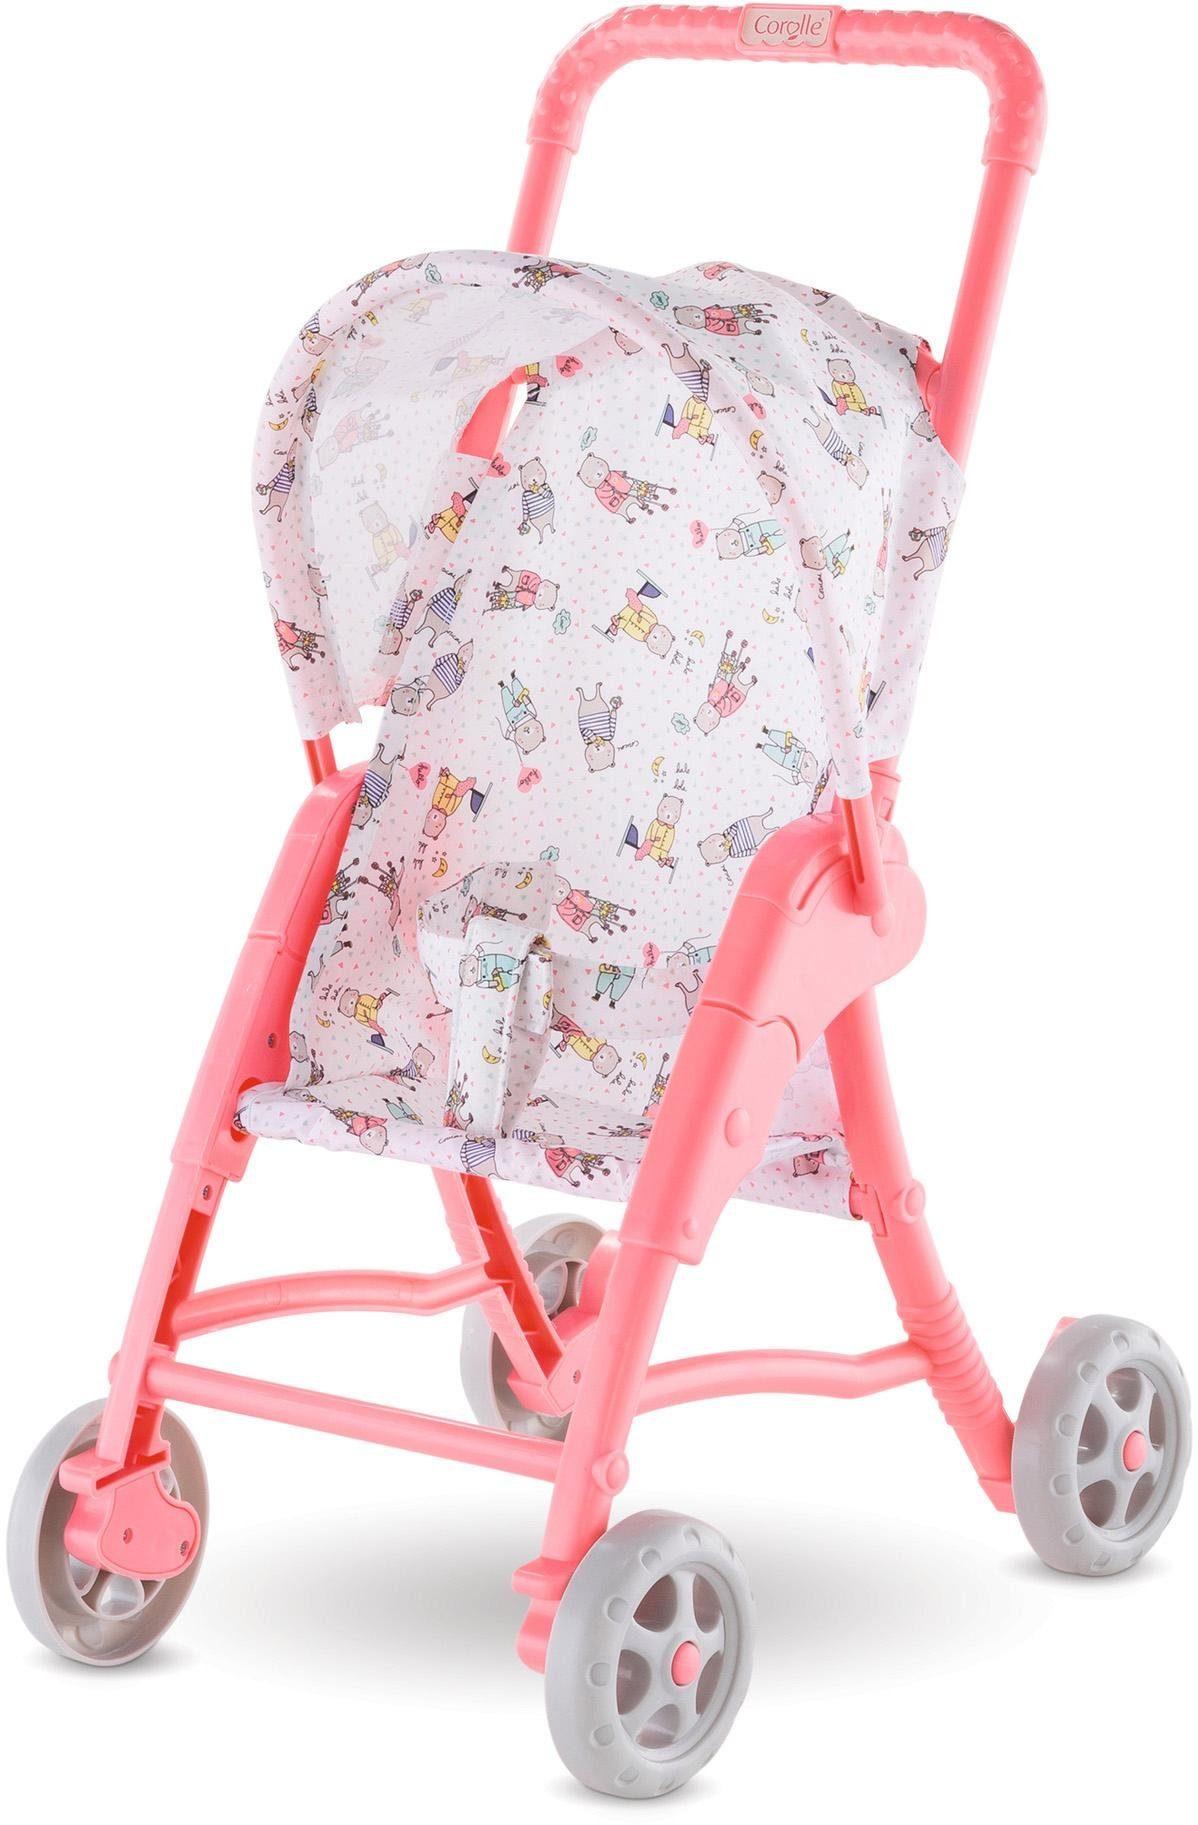 Corolle Puppenbuggy rosa Kinder Puppenzubehör Puppen Puppenwagen